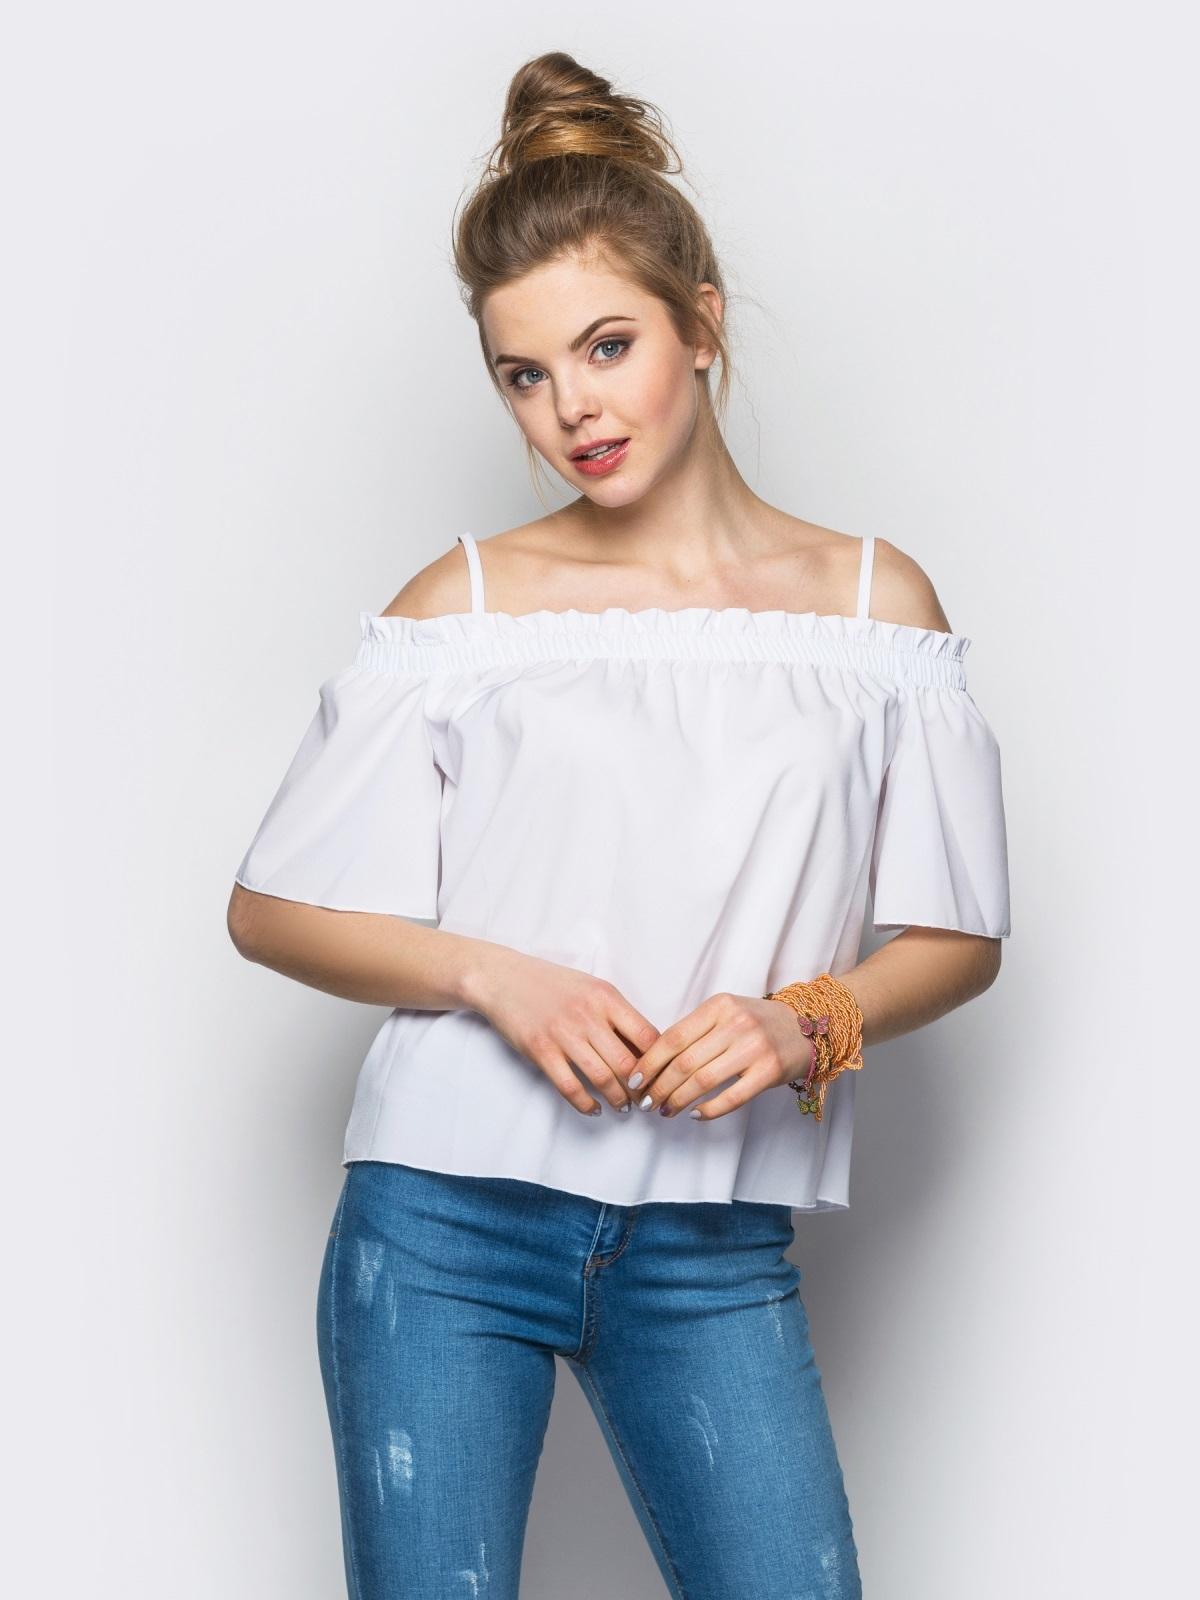 модные женские блузки весна лето 2019: с открытыми плечами белая рукав короткий